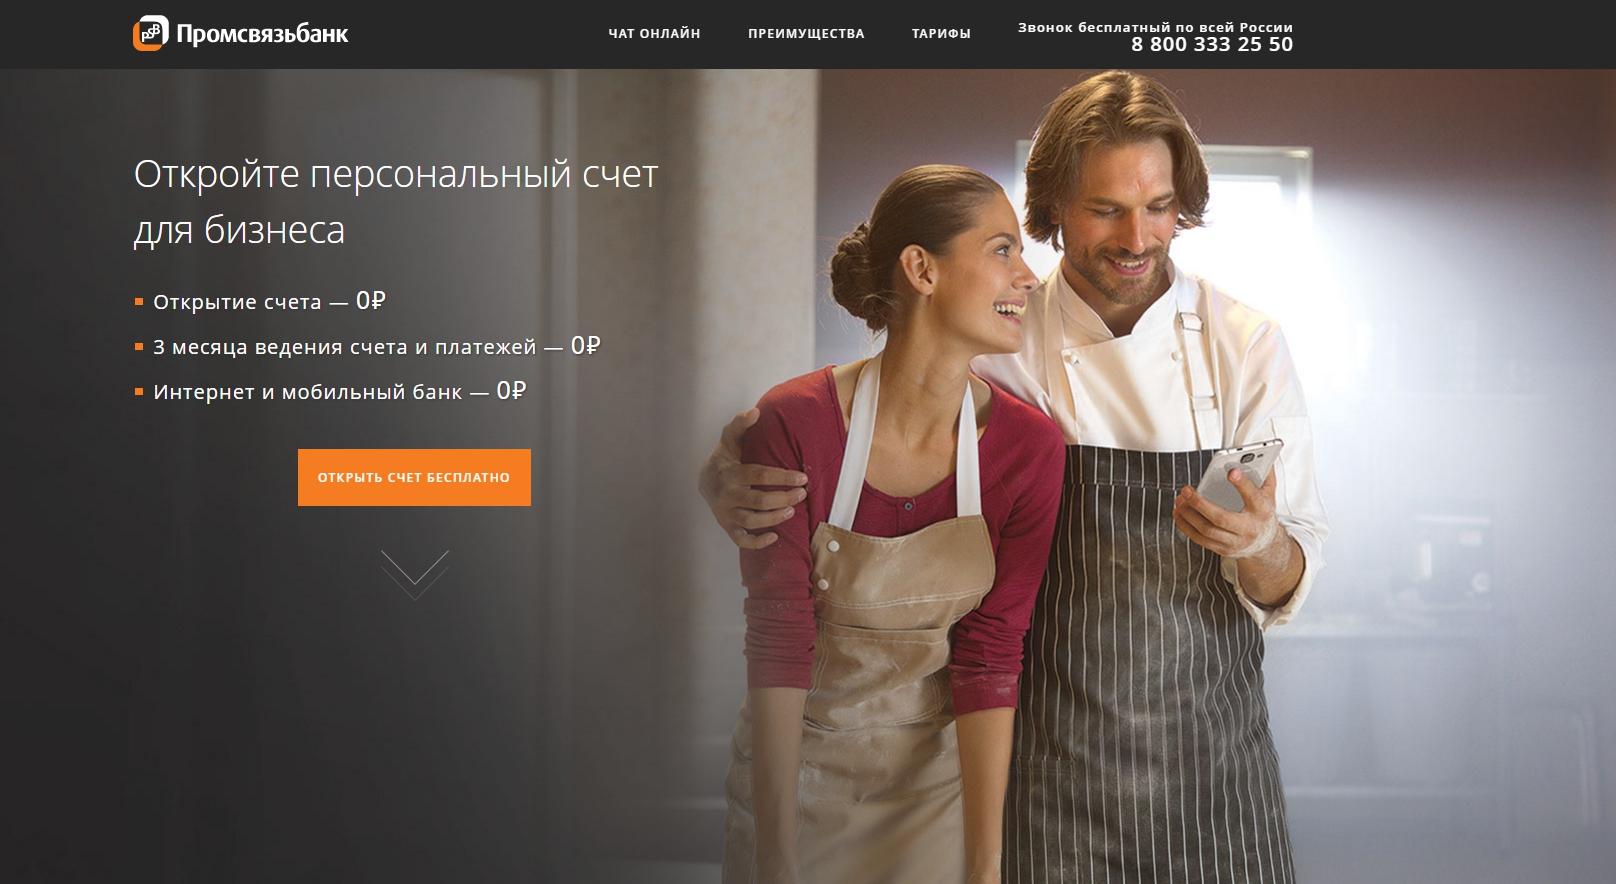 Расчетно-кассовое обслуживание ИП в Промсвязьбанке